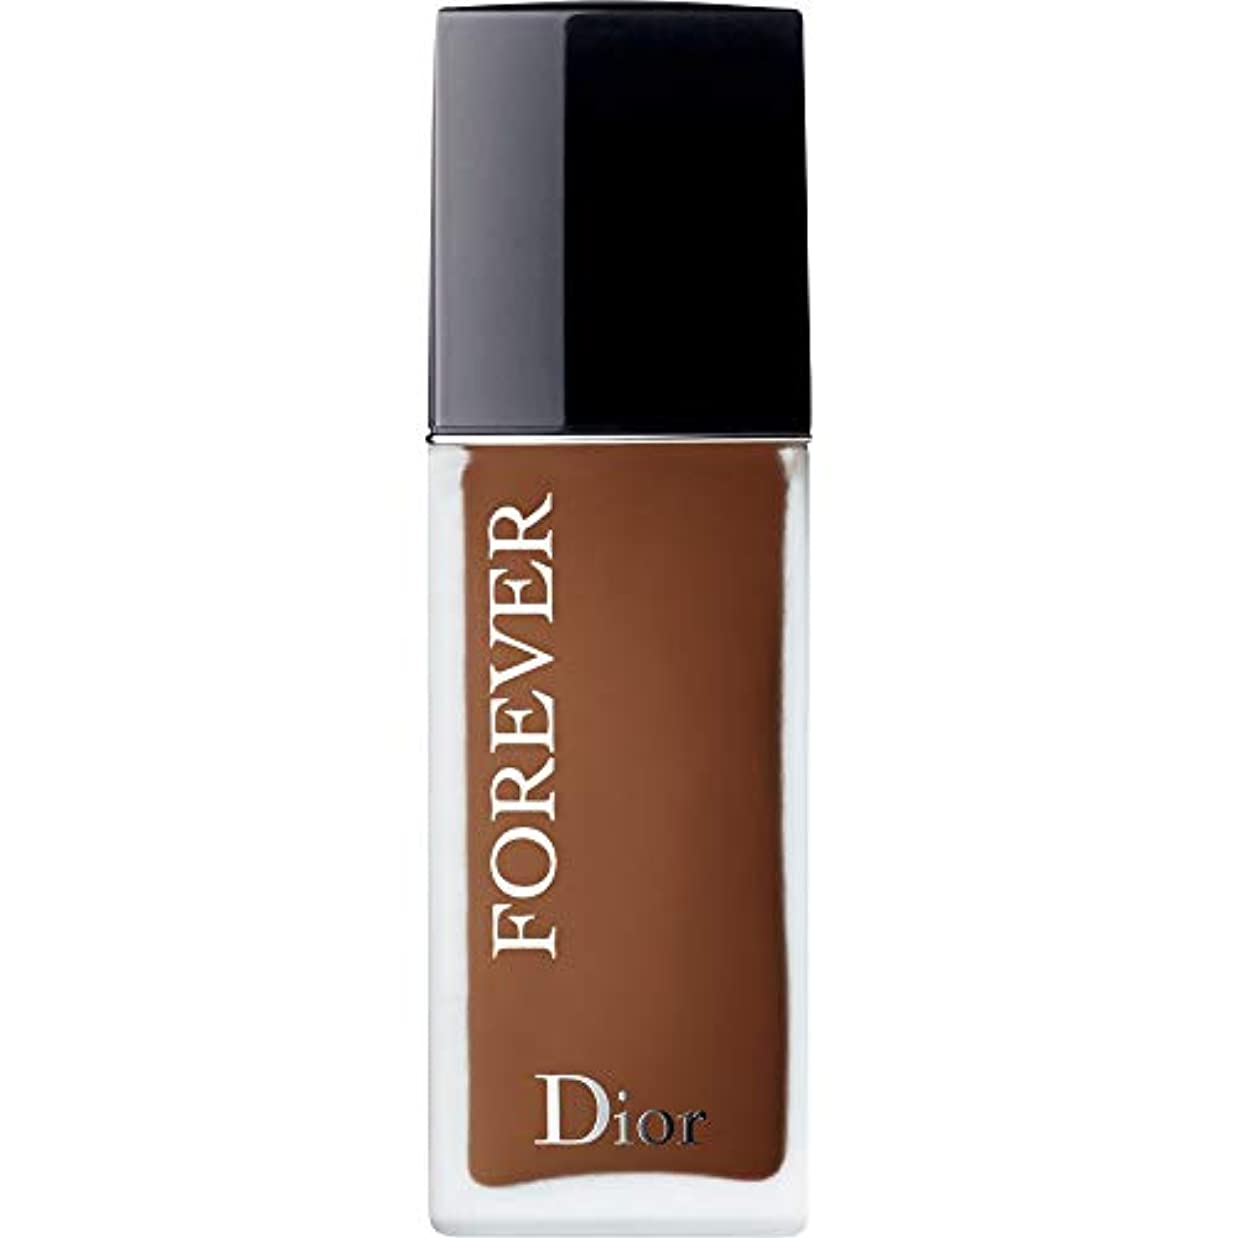 調整私たちまたね[Dior ] ディオール永遠皮膚思いやりの基盤Spf35 30ミリリットルの8N - ニュートラル(つや消し) - DIOR Forever Skin-Caring Foundation SPF35 30ml 8N -...